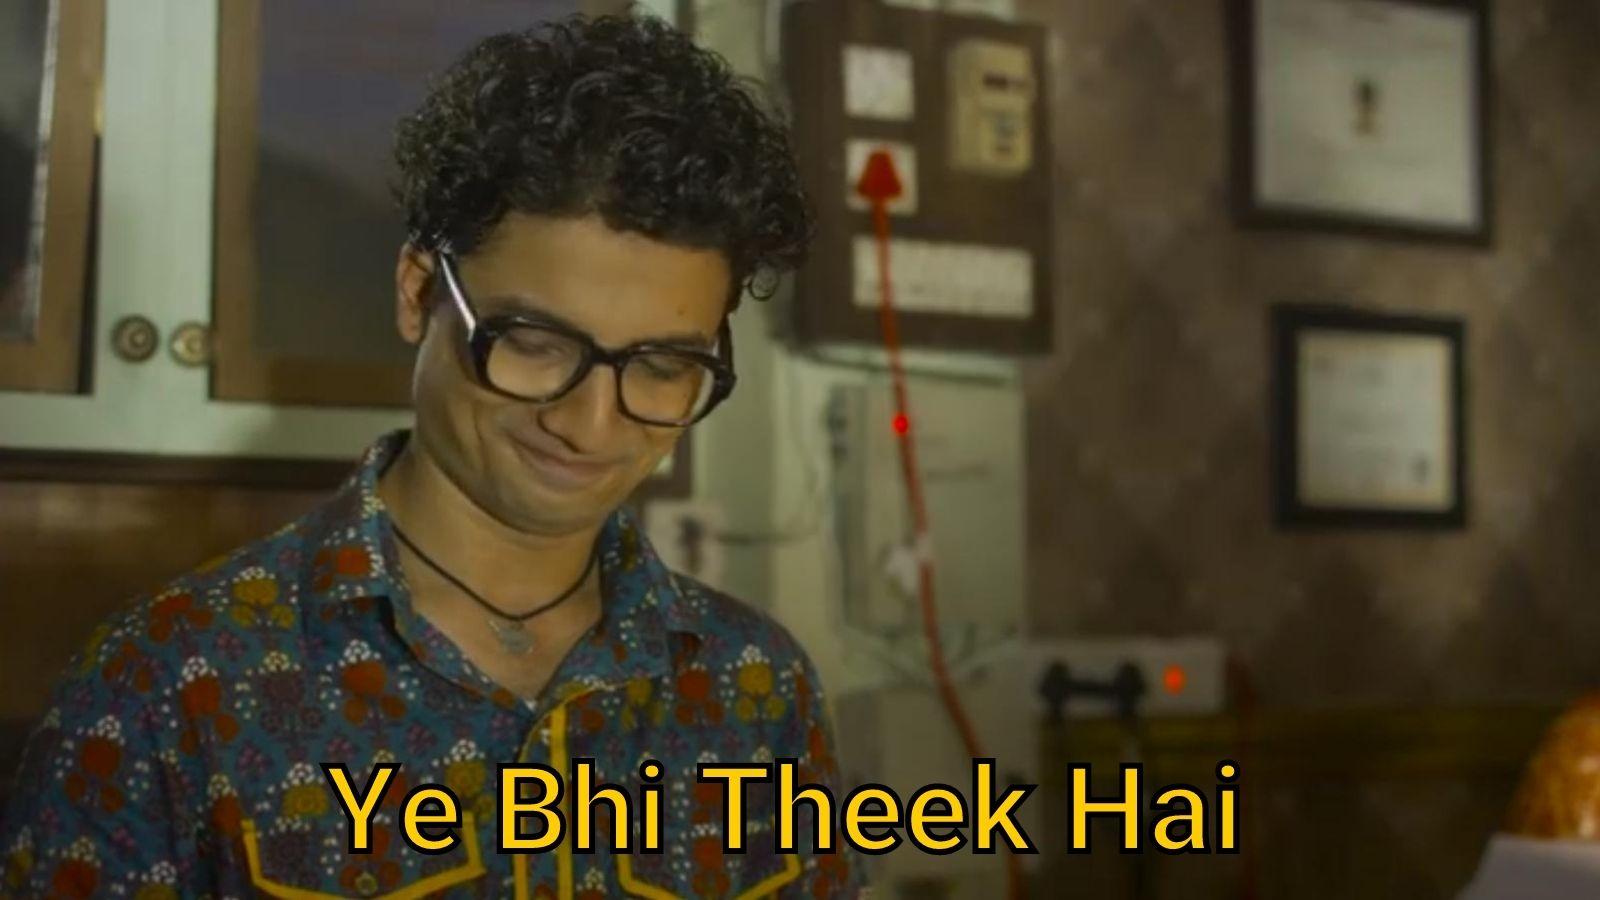 Yeh bhi thk hai meme template